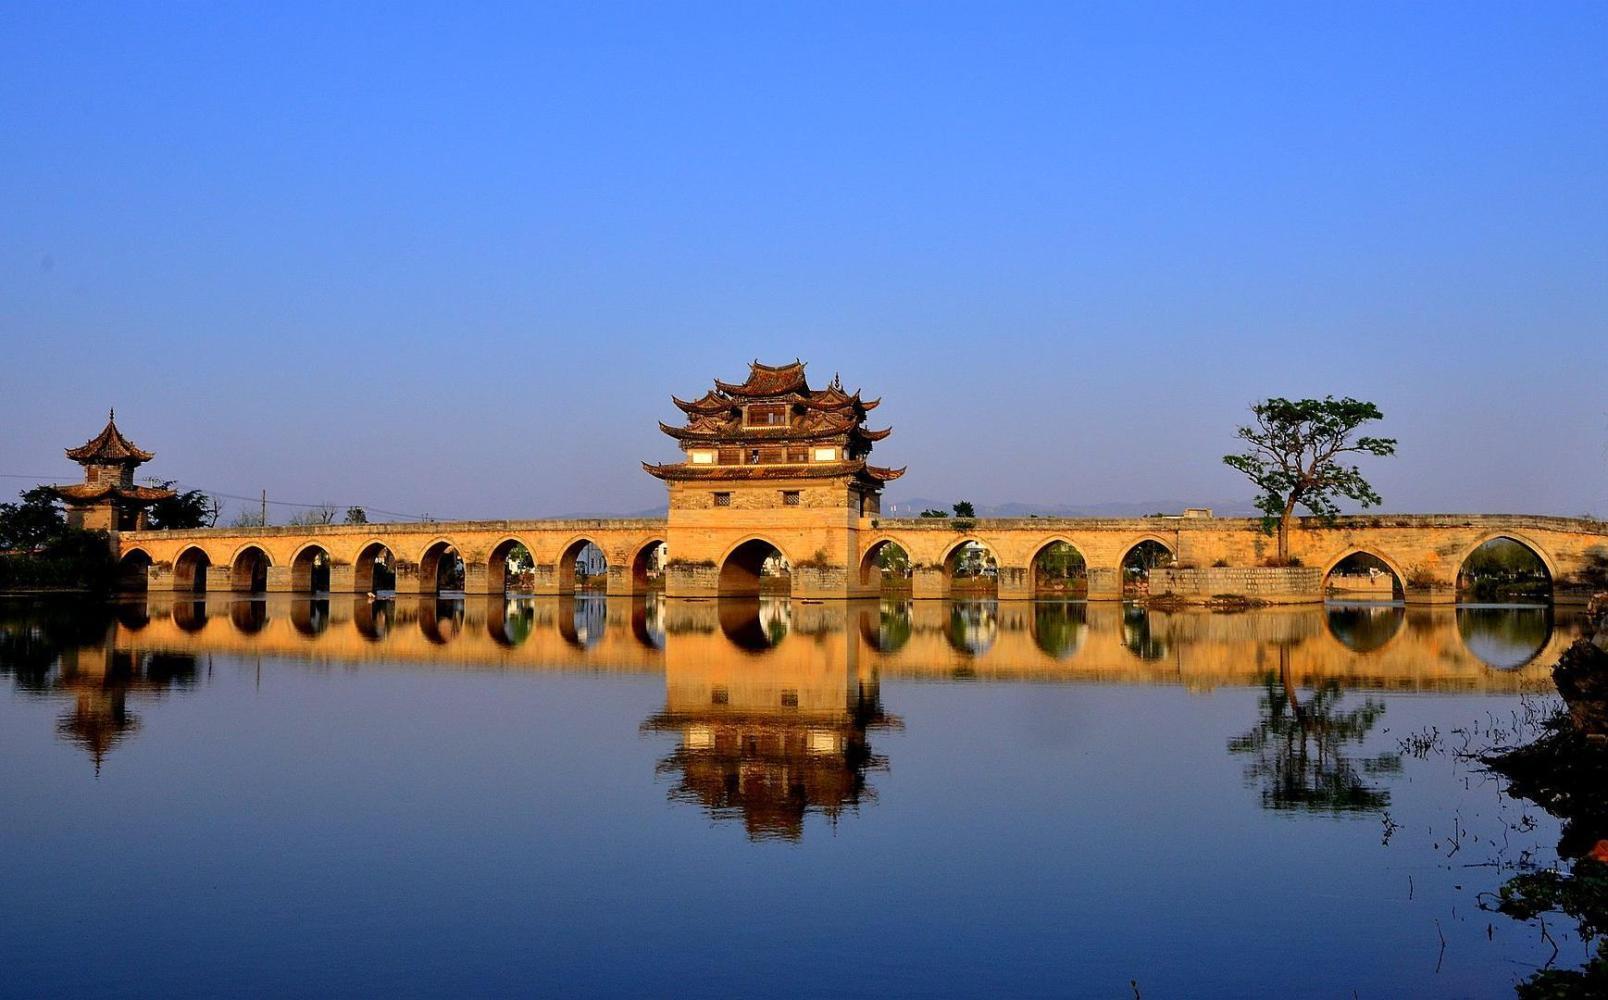 云南城市排行榜: 昆明,曲靖,红河,玉溪,大理, 风景很美别未富先坏